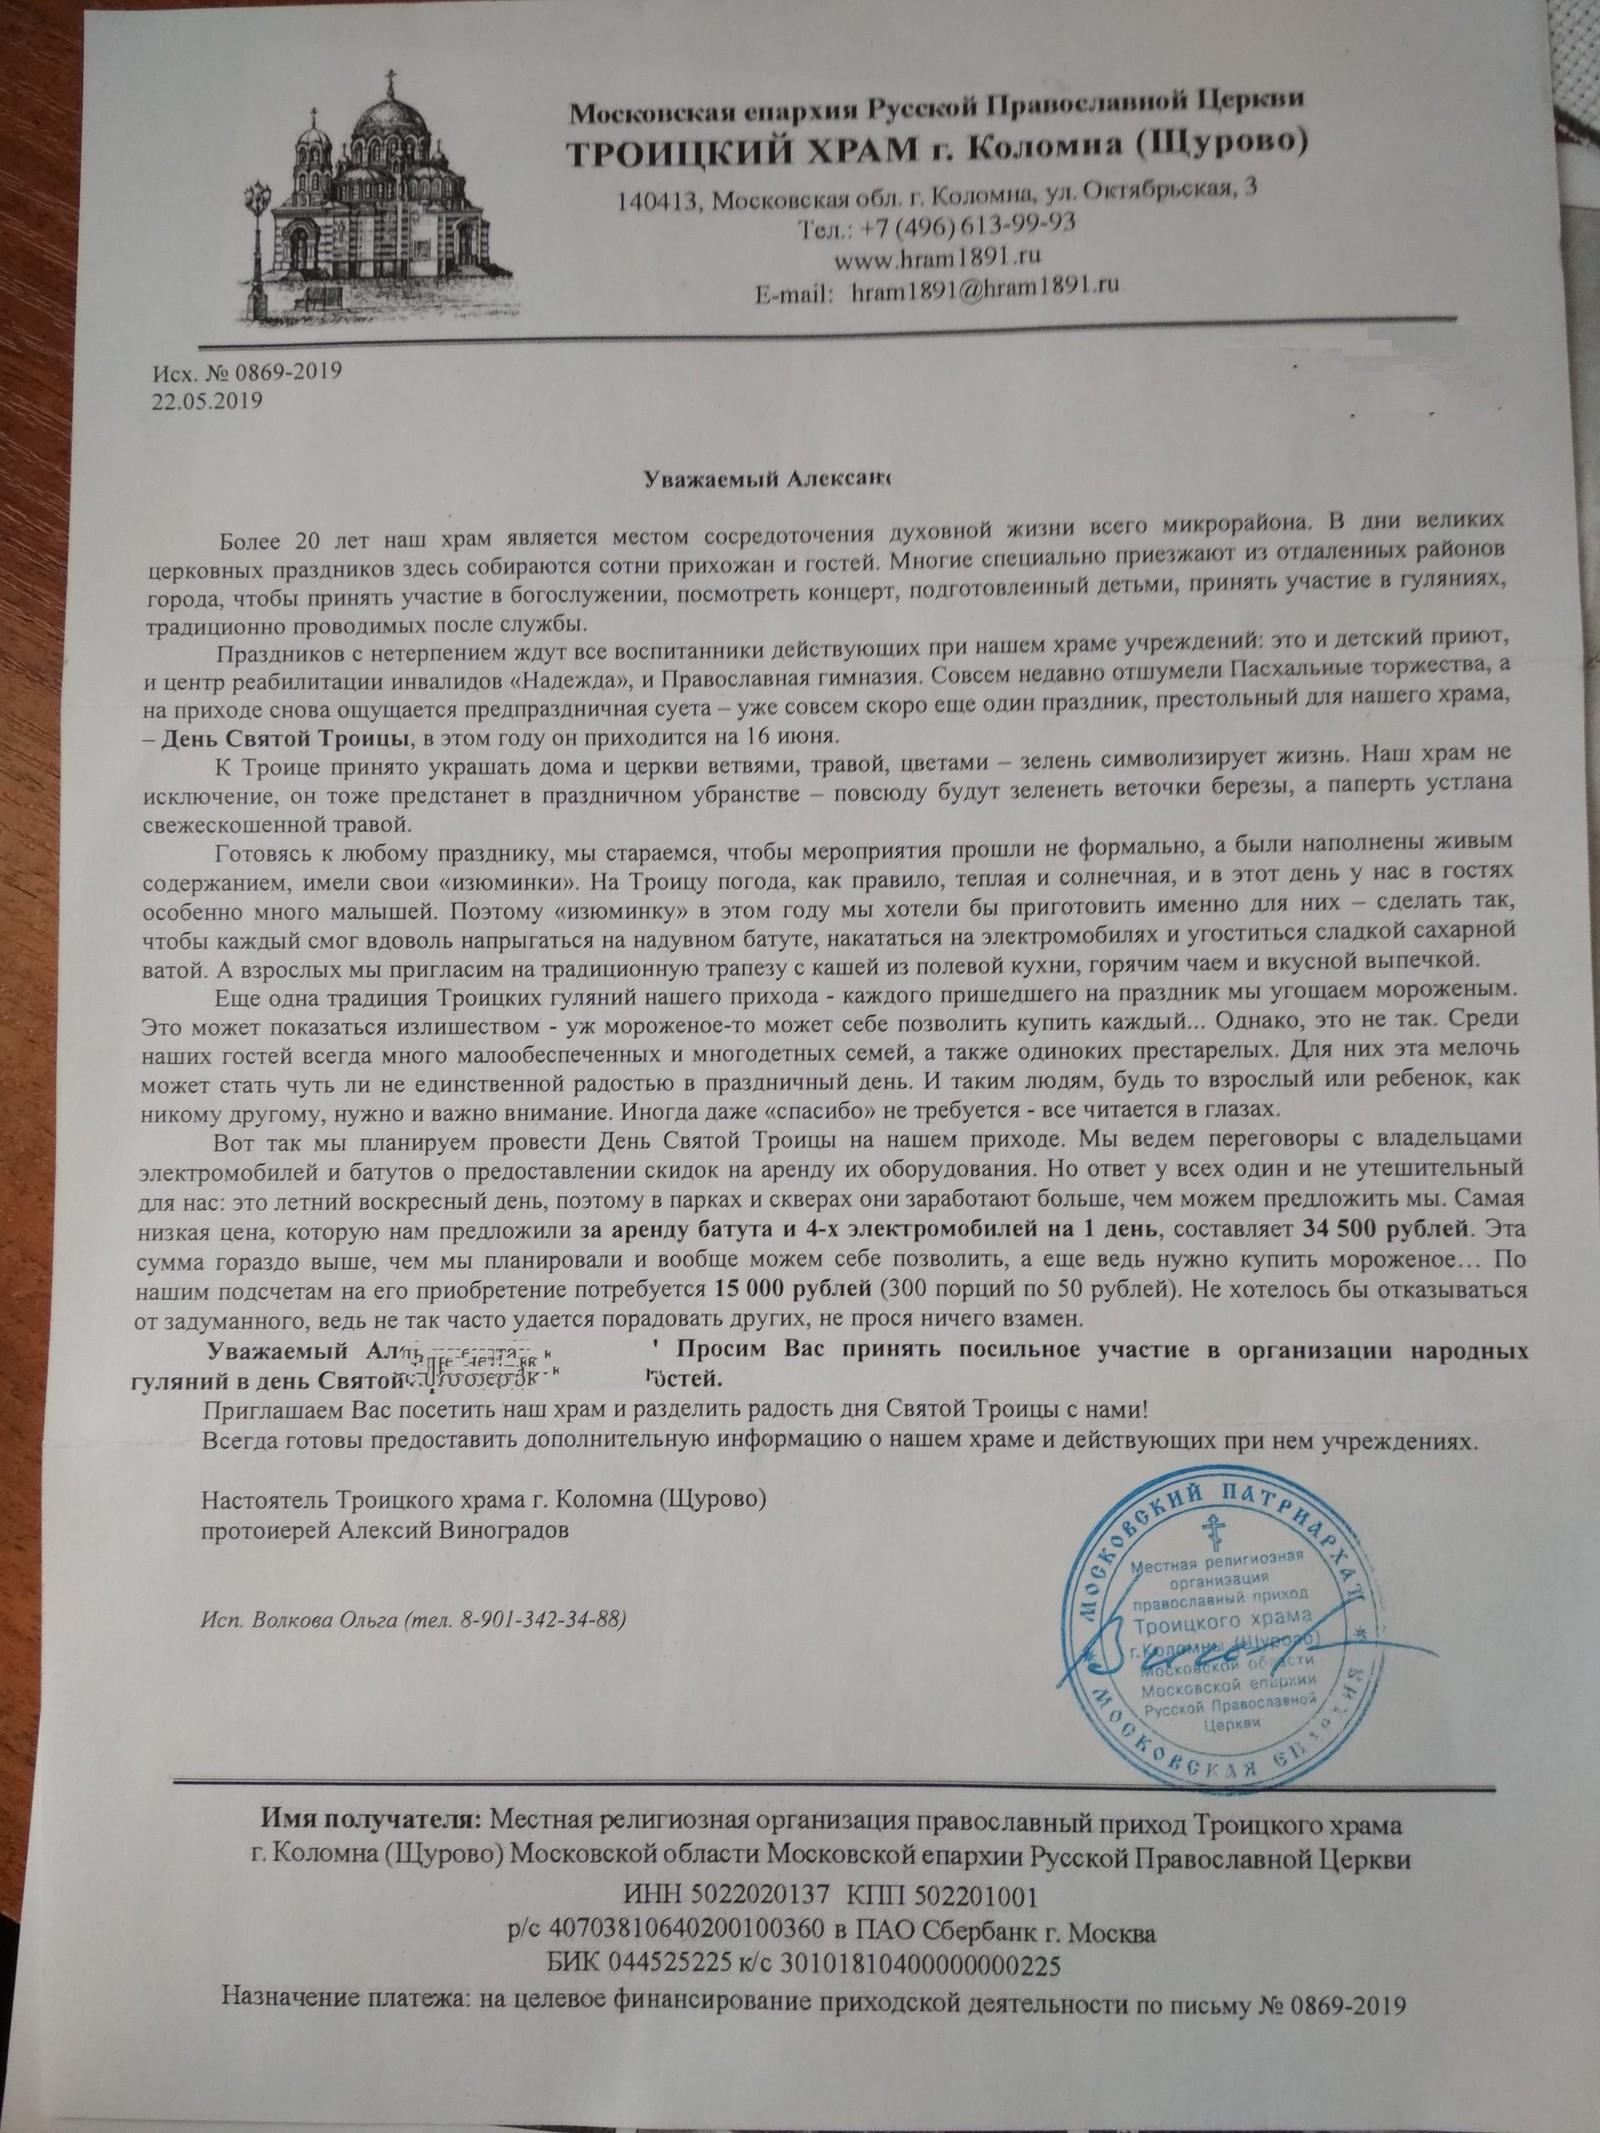 Бик сбербанка в москве и московской области